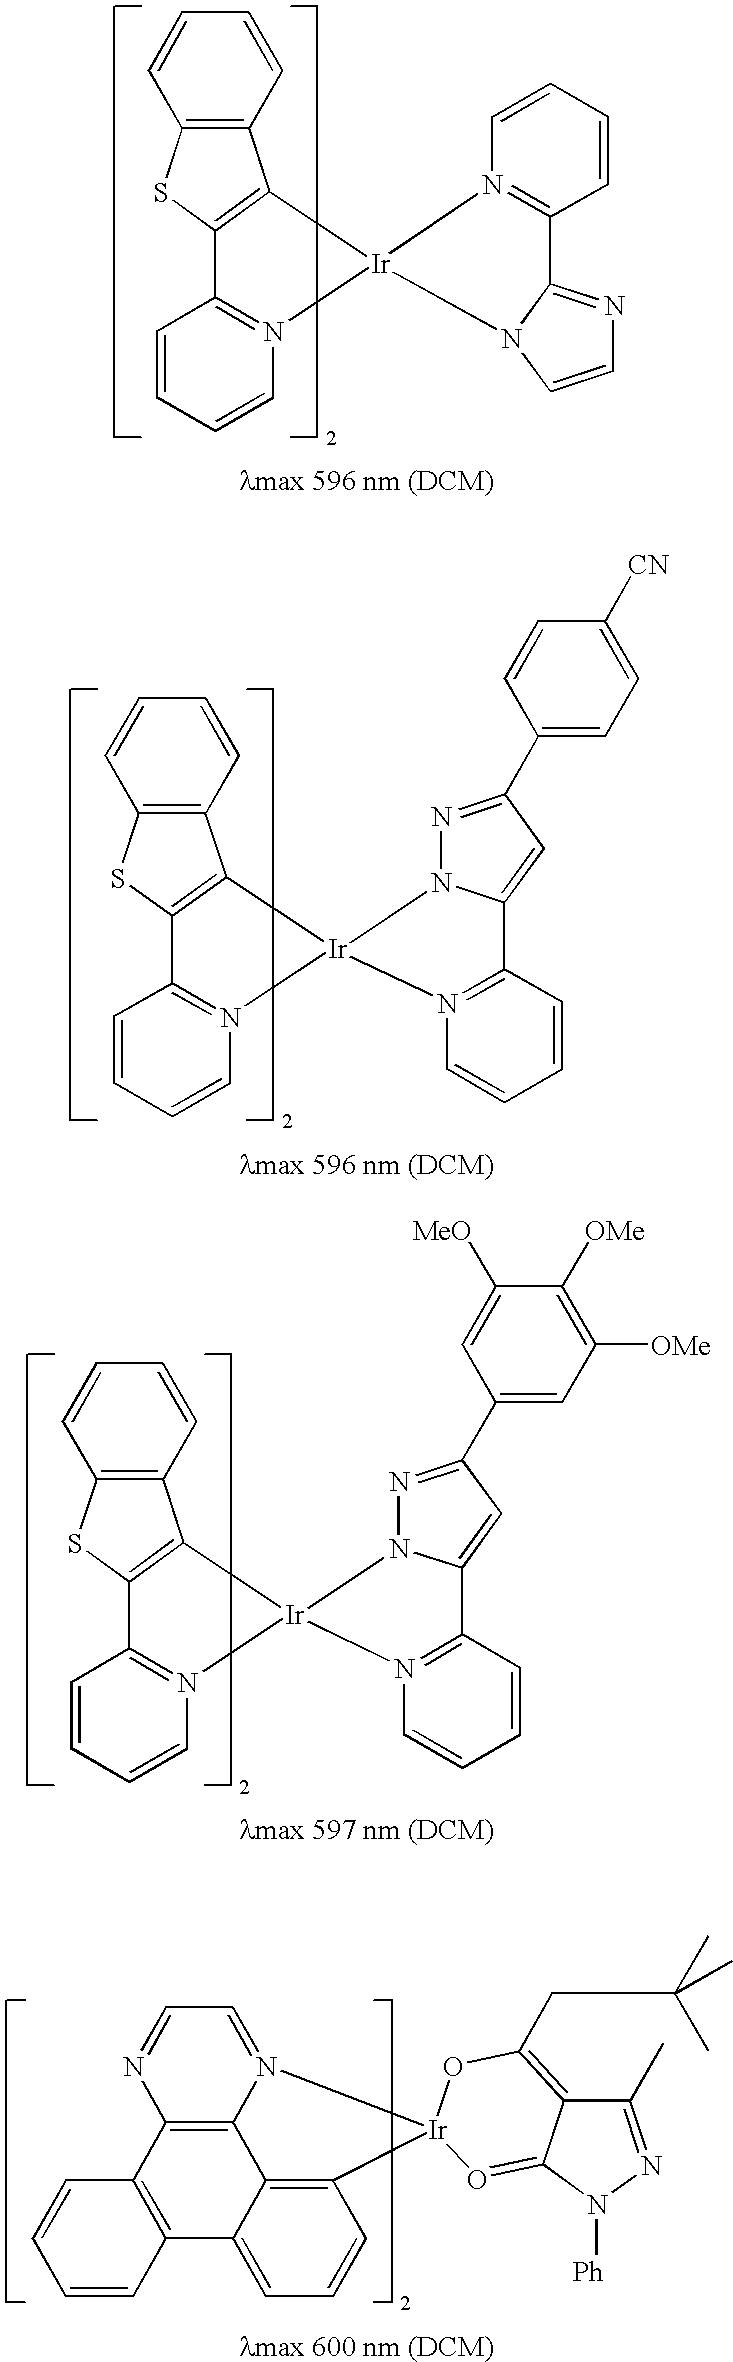 Figure US20100327264A1-20101230-C00016